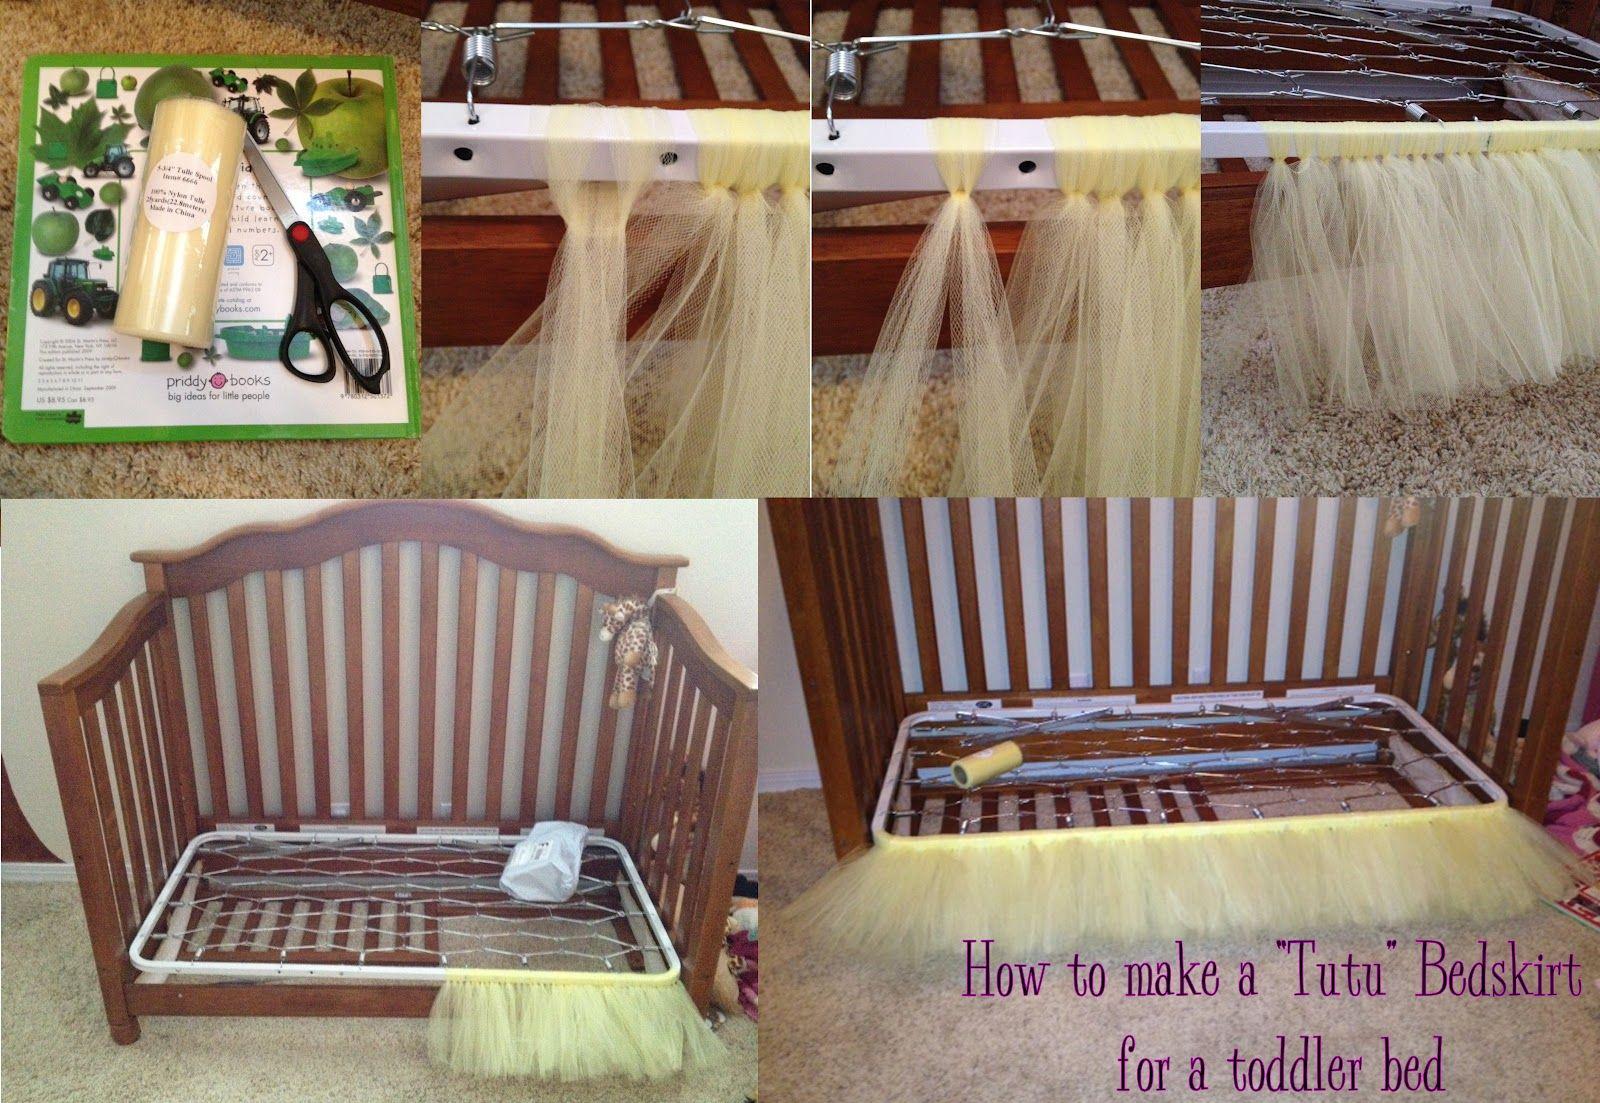 Turn crib into toddler loft bed  DIY Tutu Bedskirt for a toddler bed  toddler room  Pinterest  Diy